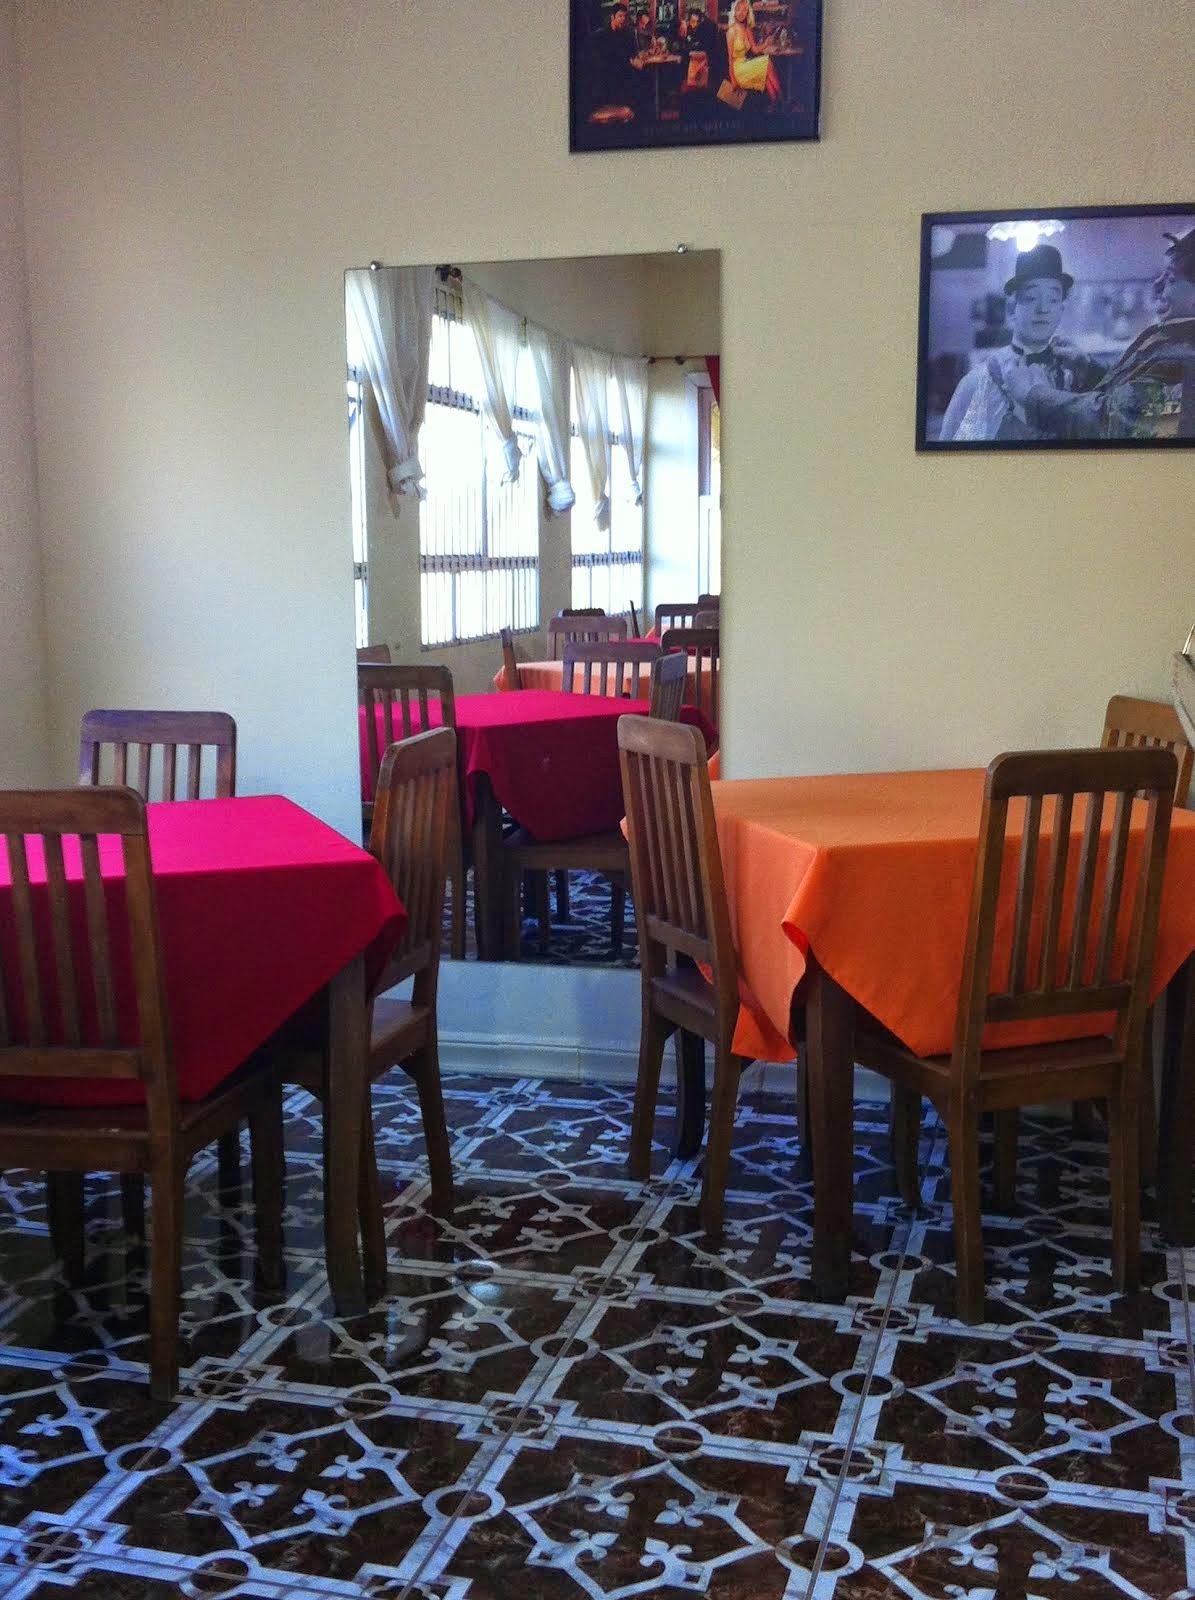 Conheça junto ao Cine Dunas uma aconchegante Cafeteria.